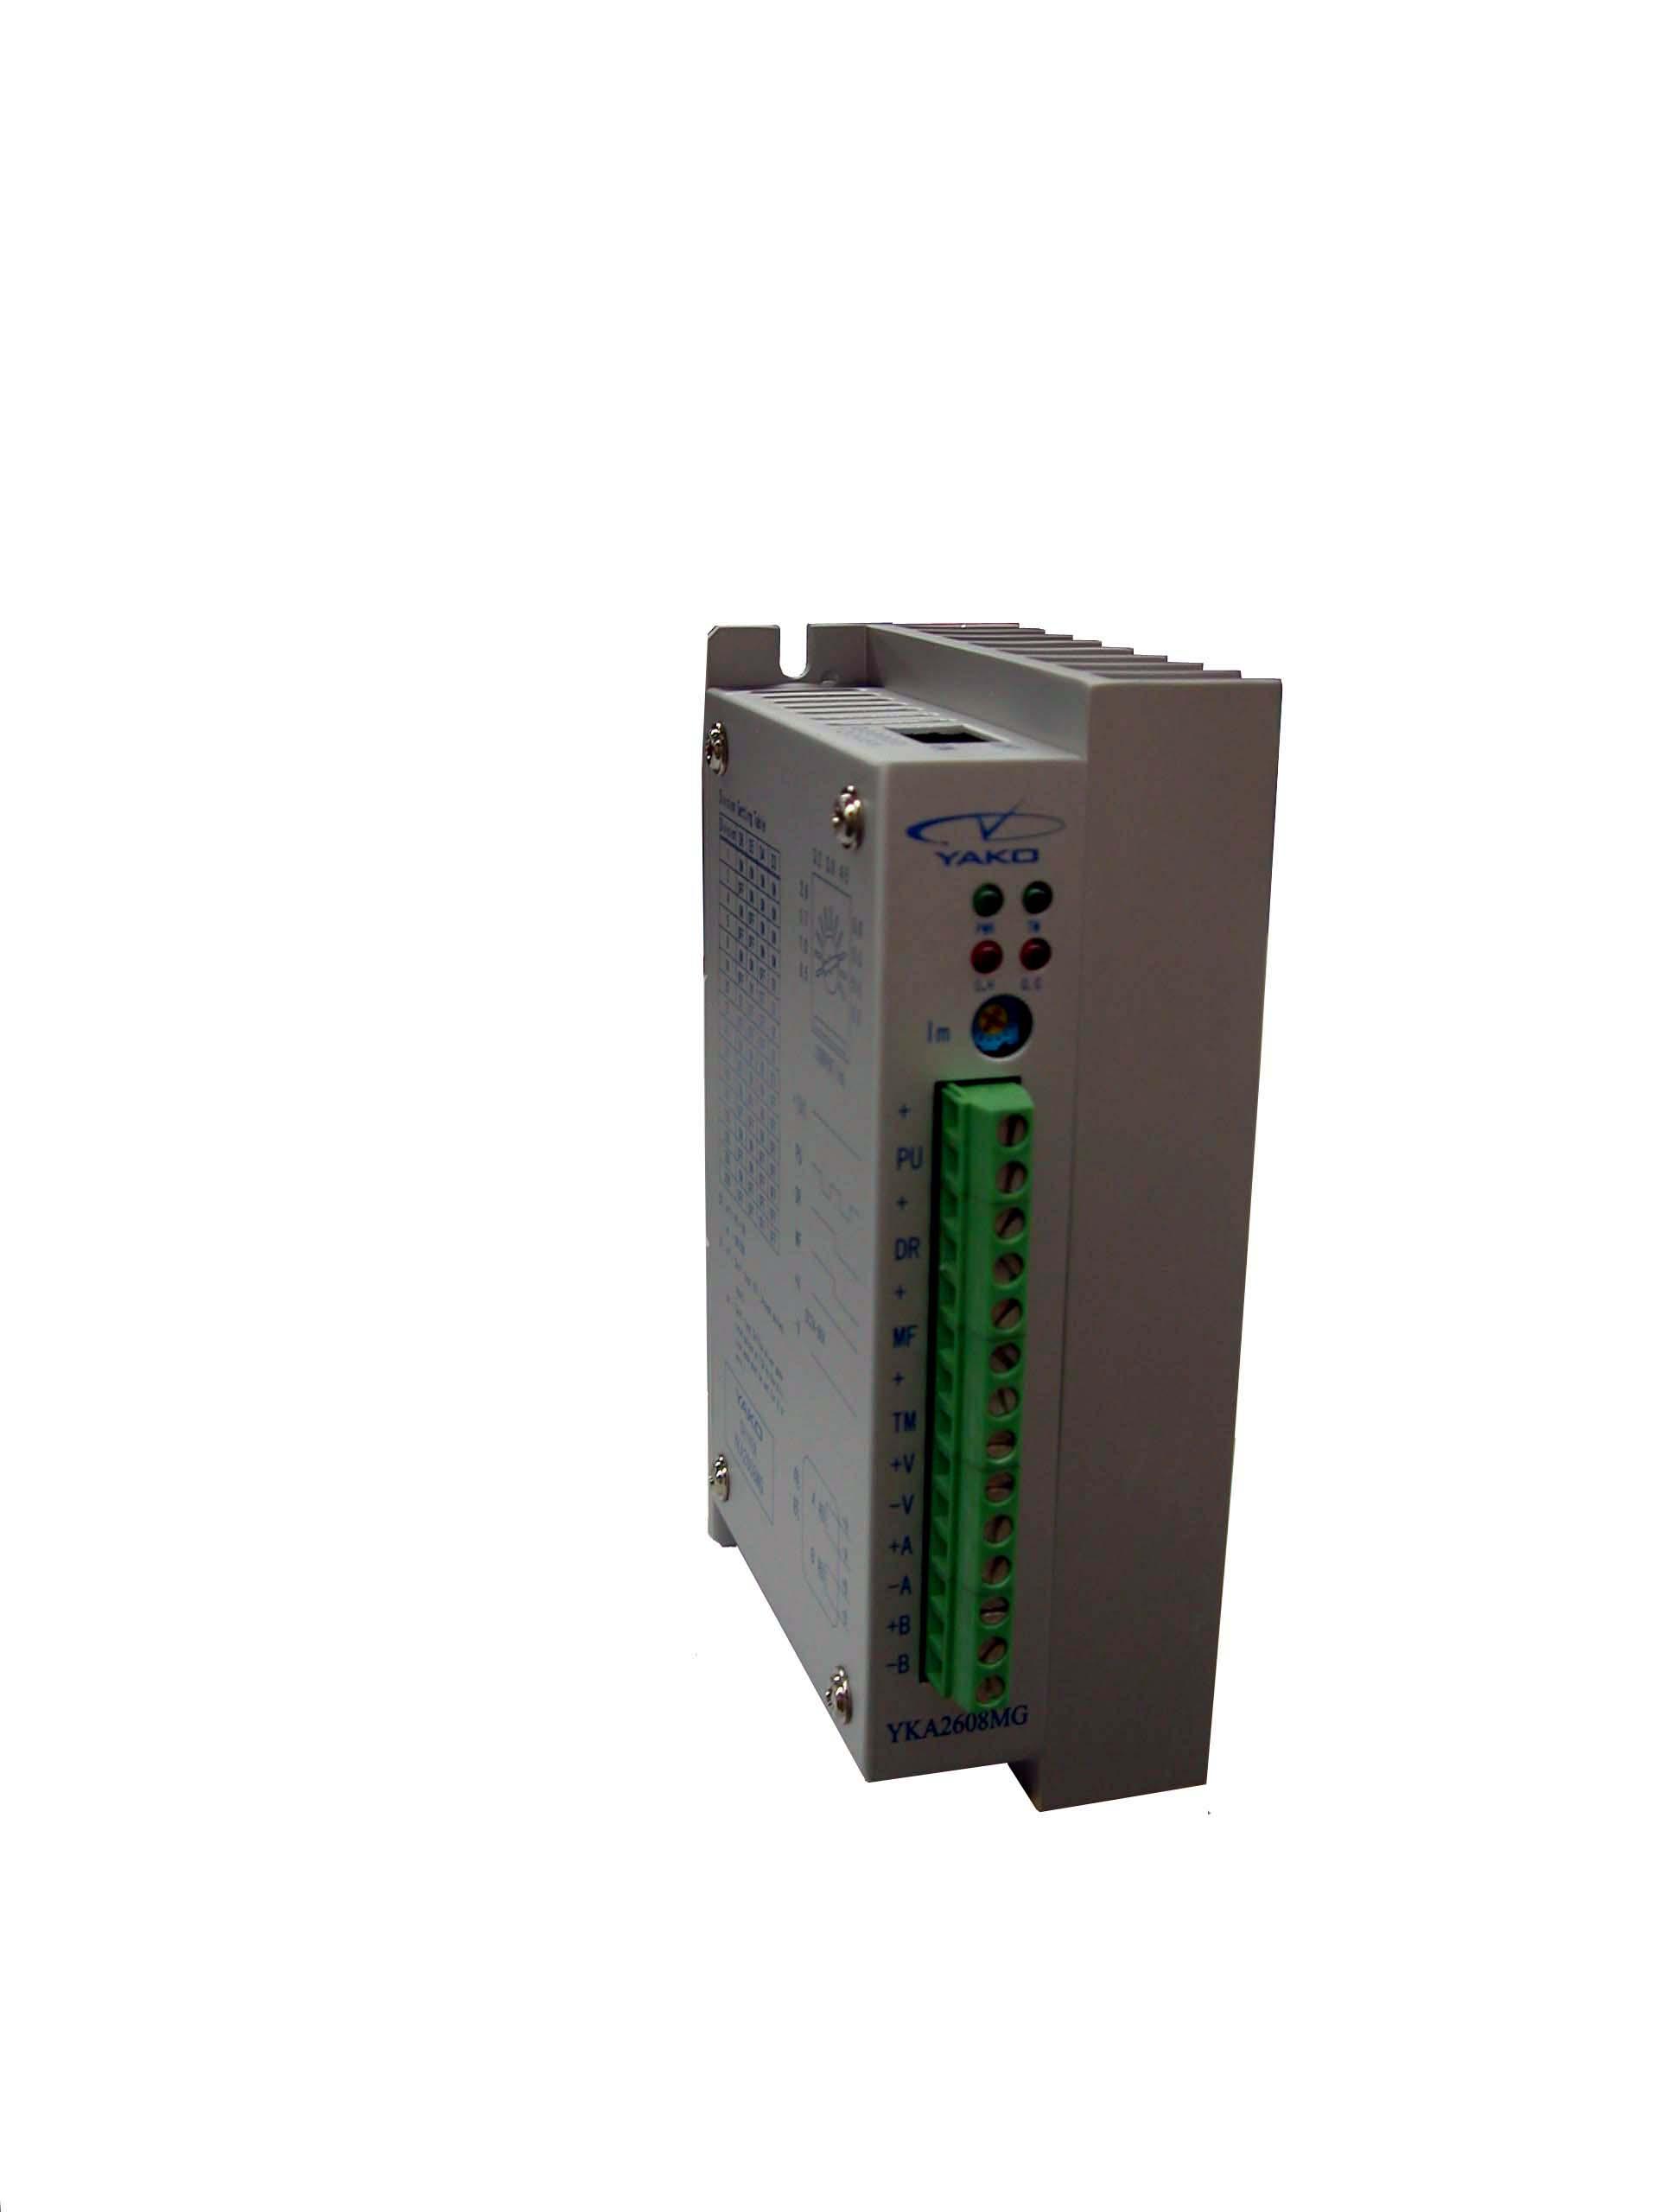 YKB2608MG/H高性能步进驱动器